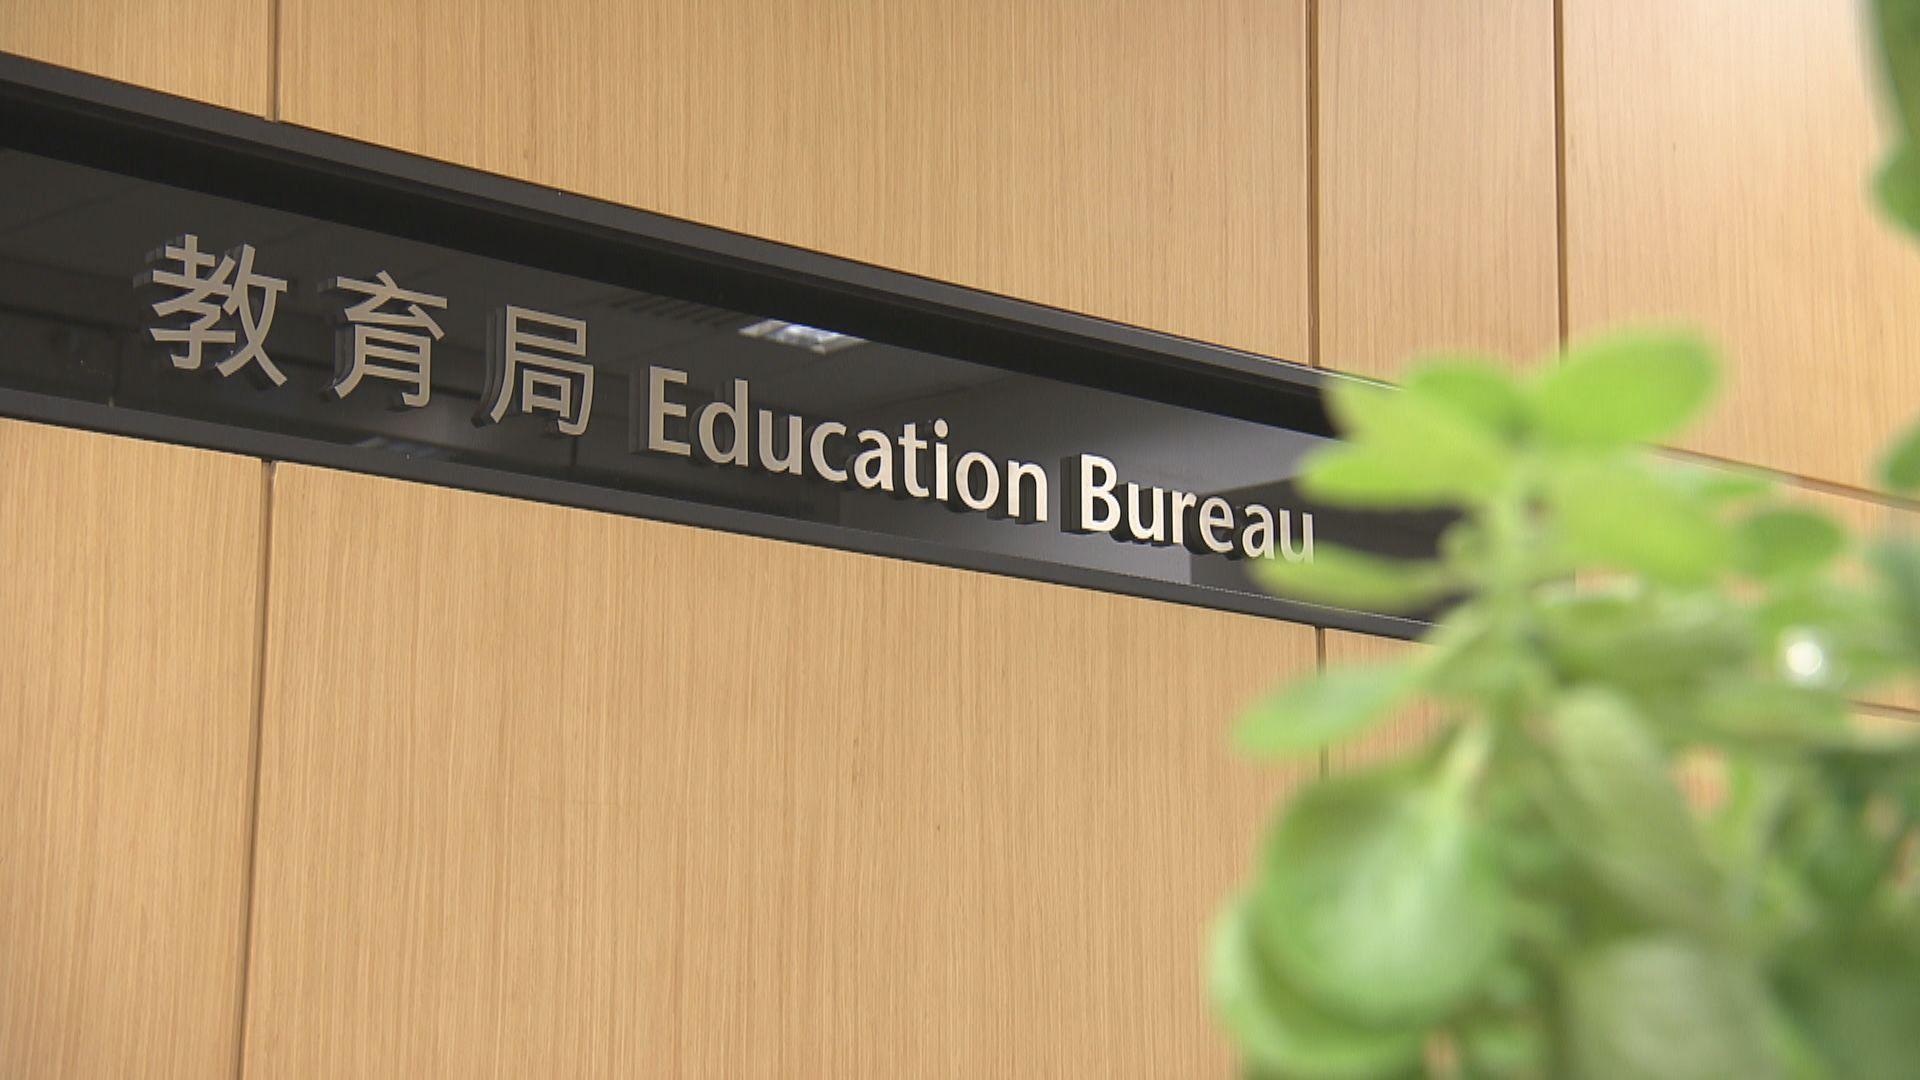 申訴專員批教育局不審批私校可退還費用 與規例矛盾